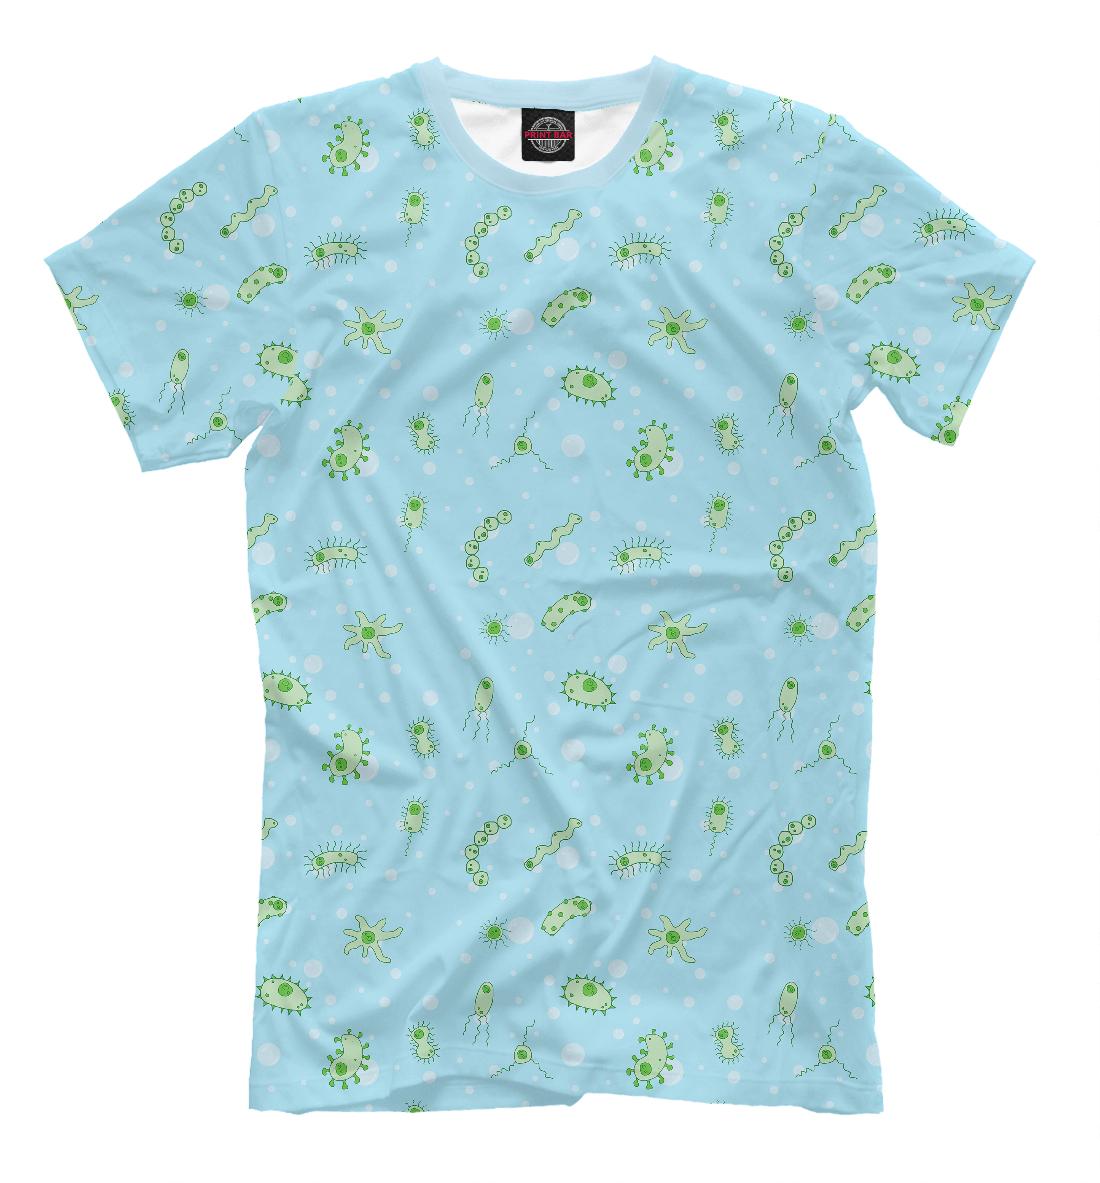 Купить Мужская футболка Микробики VRC-324855-fut-2